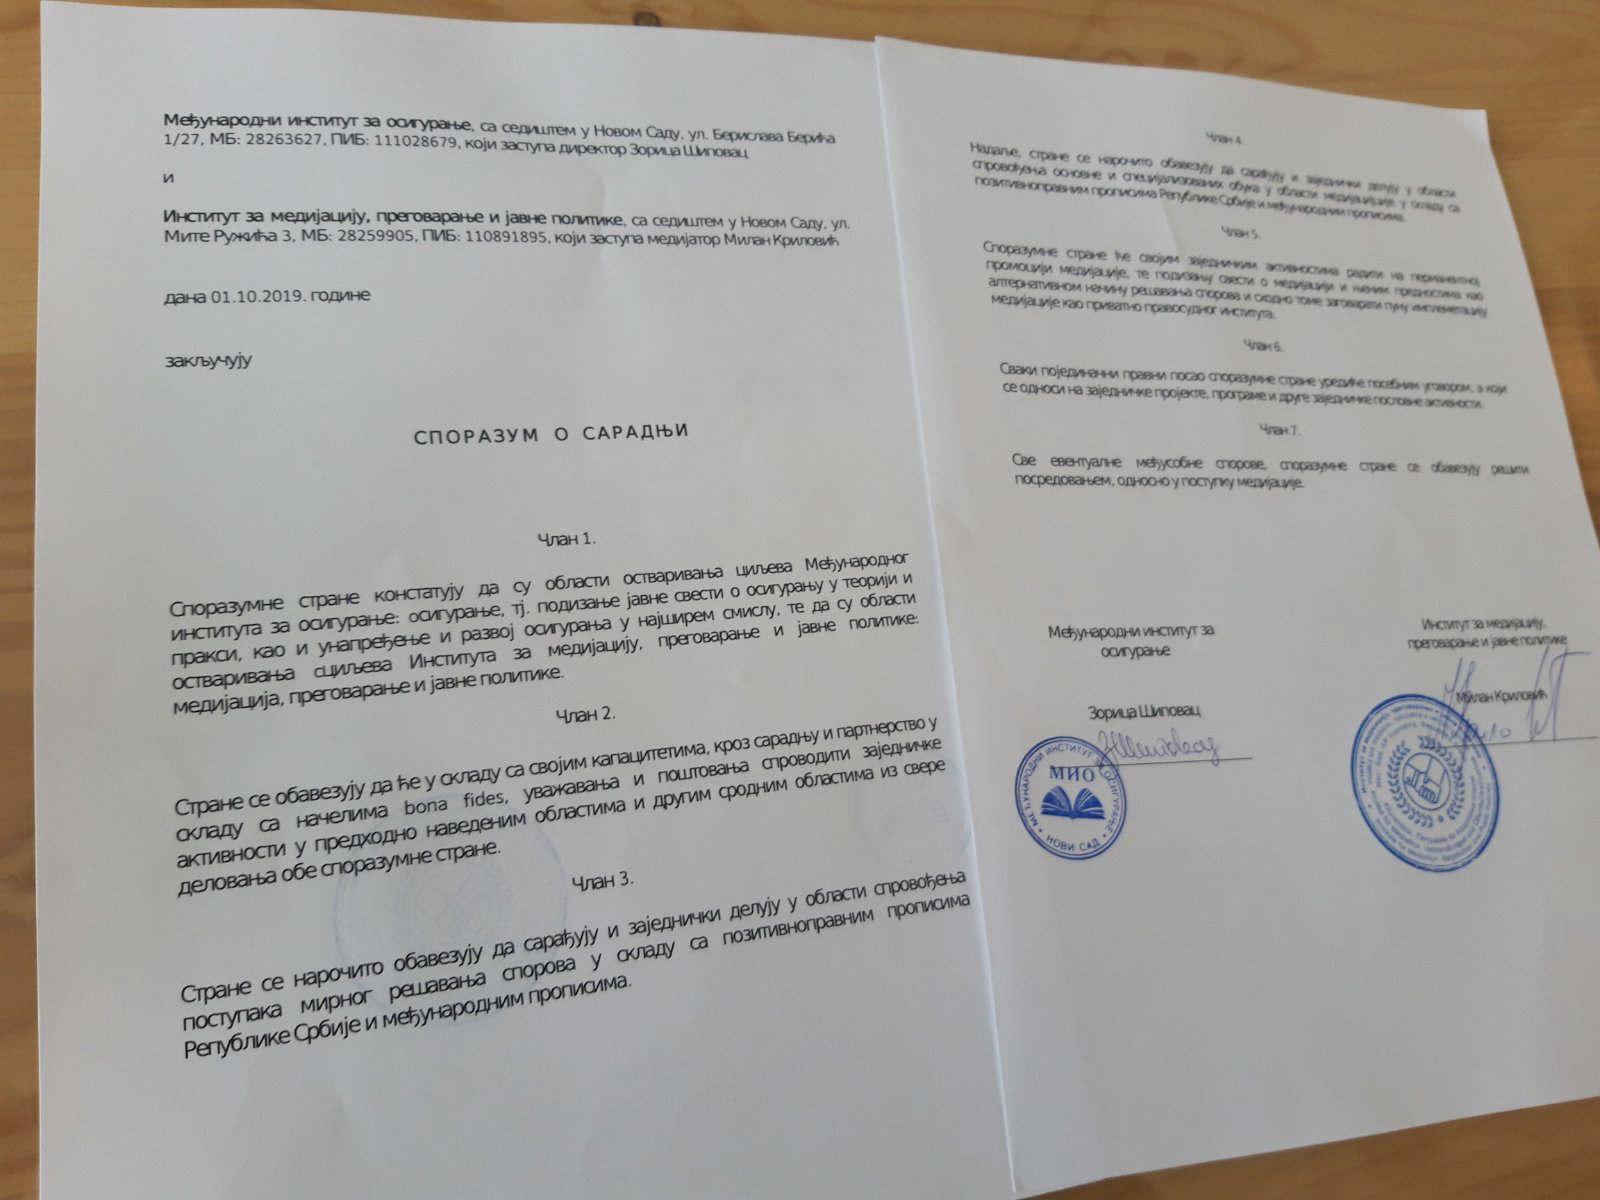 Slika-2-sporazum-slika